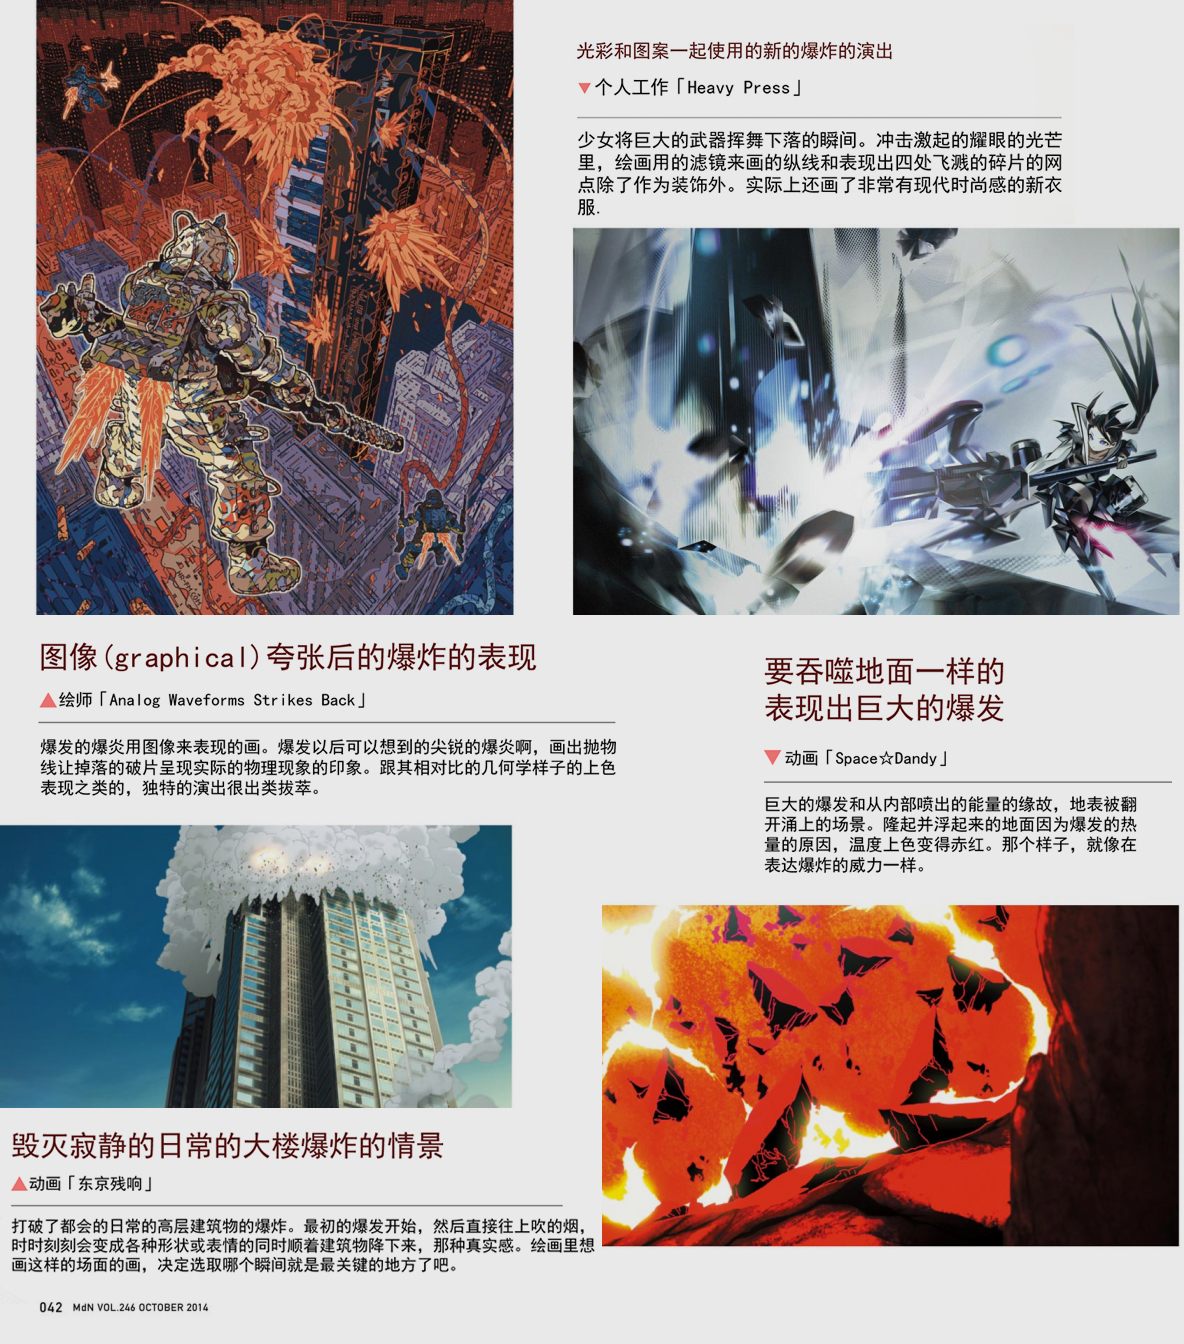 吉成曜4本画册(含线稿、设定集)+两本日文版《动画中的物理学表现》